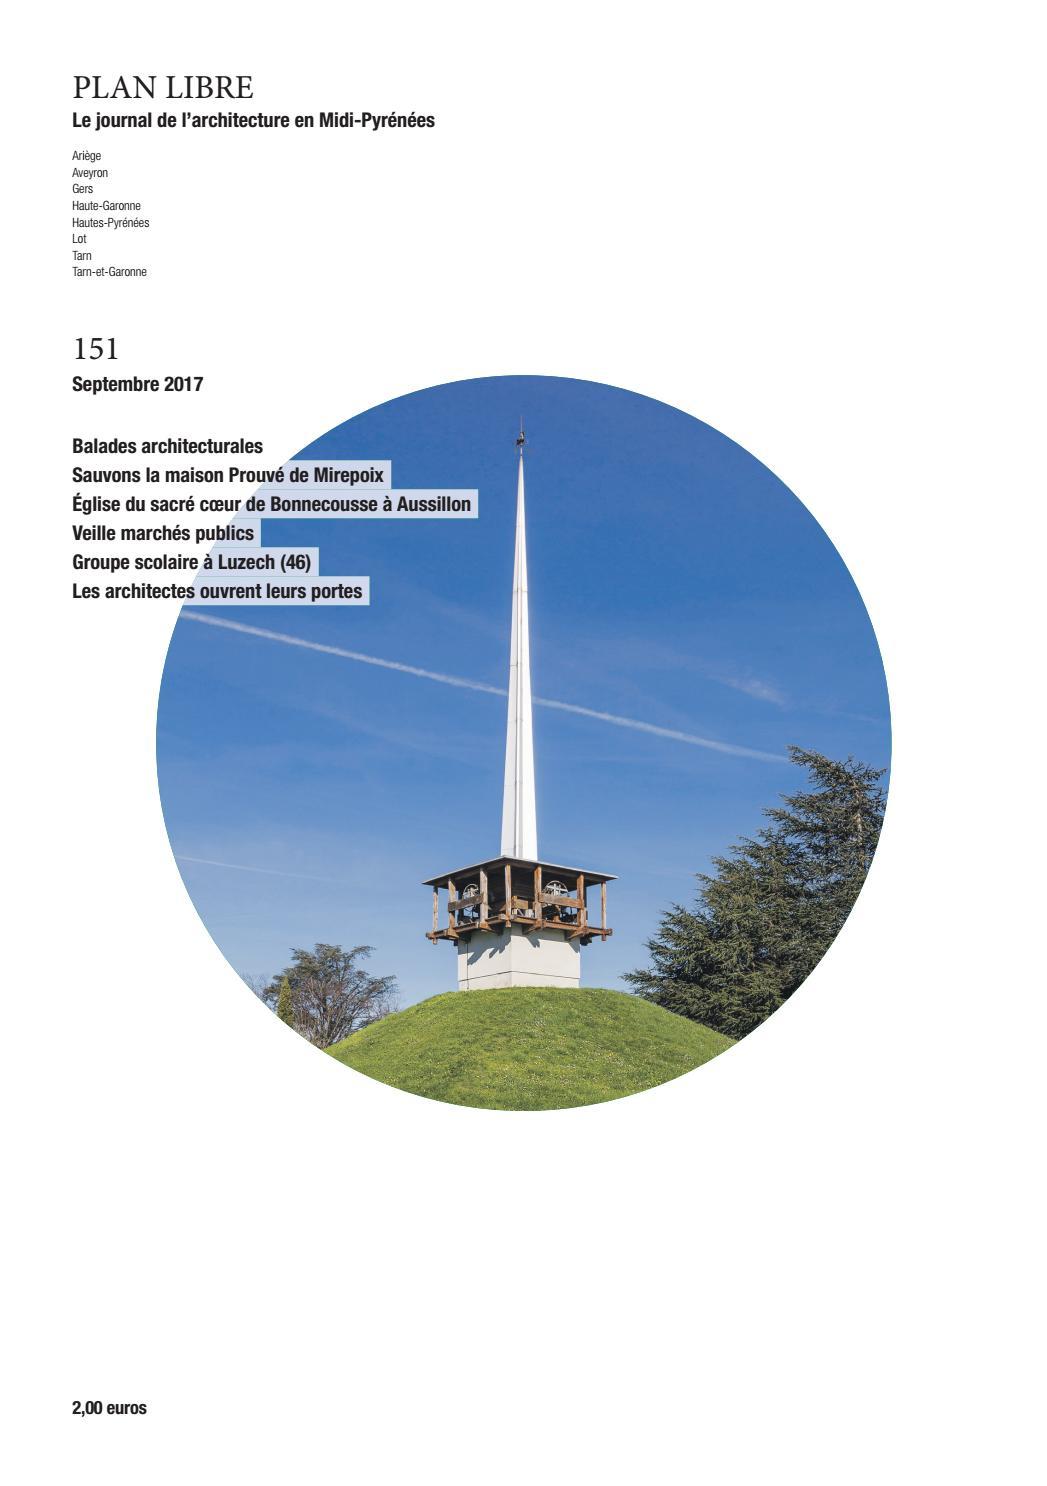 Architecte Paysagiste Midi Pyrénées plan libre 151 - septembre 2017maison de l'architecture